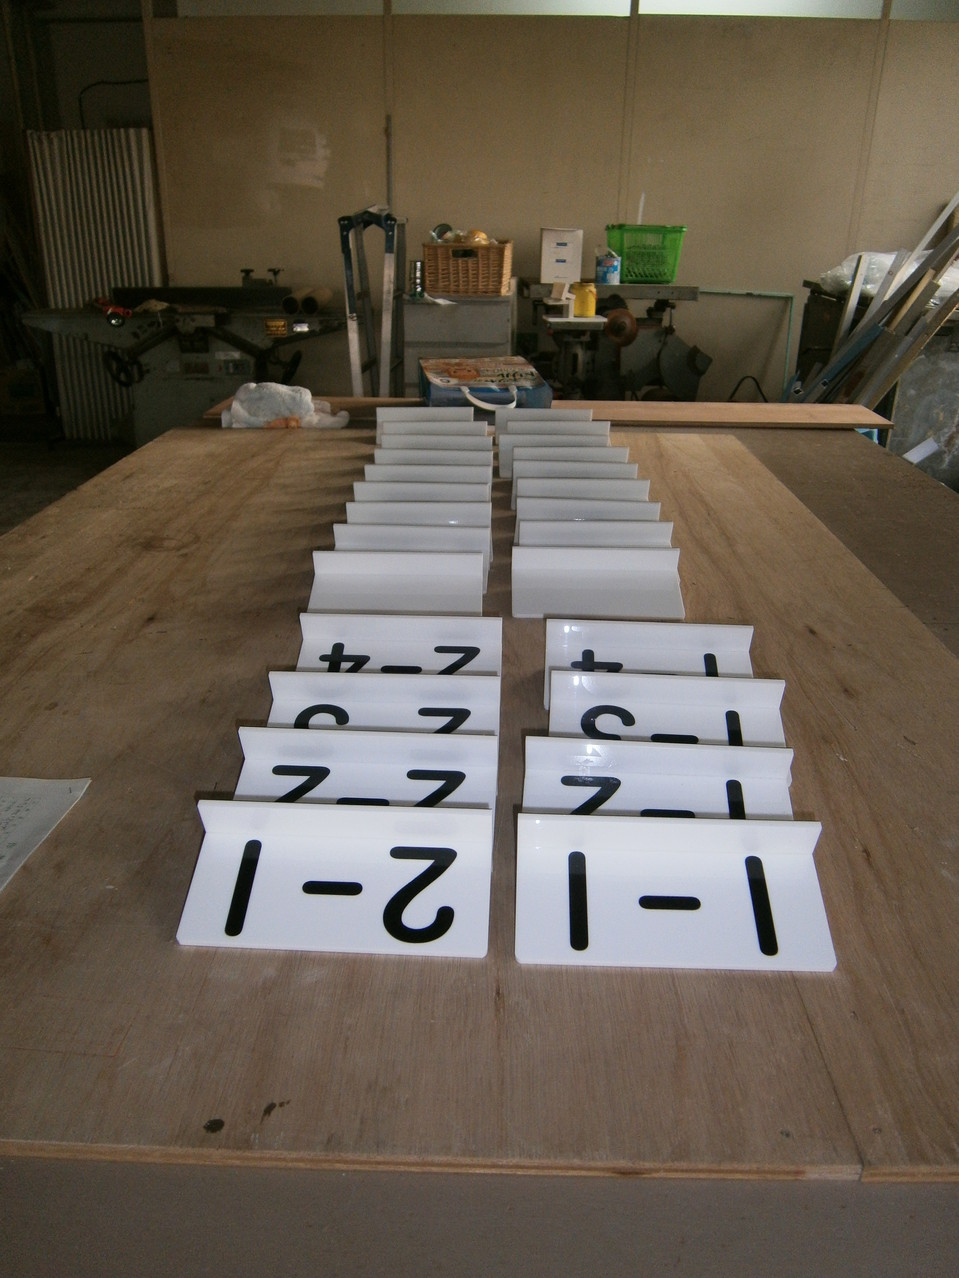 小学校の下駄箱上に設置するクラス名プレートです。L字に曲げたアクリルに切文字を貼っています。